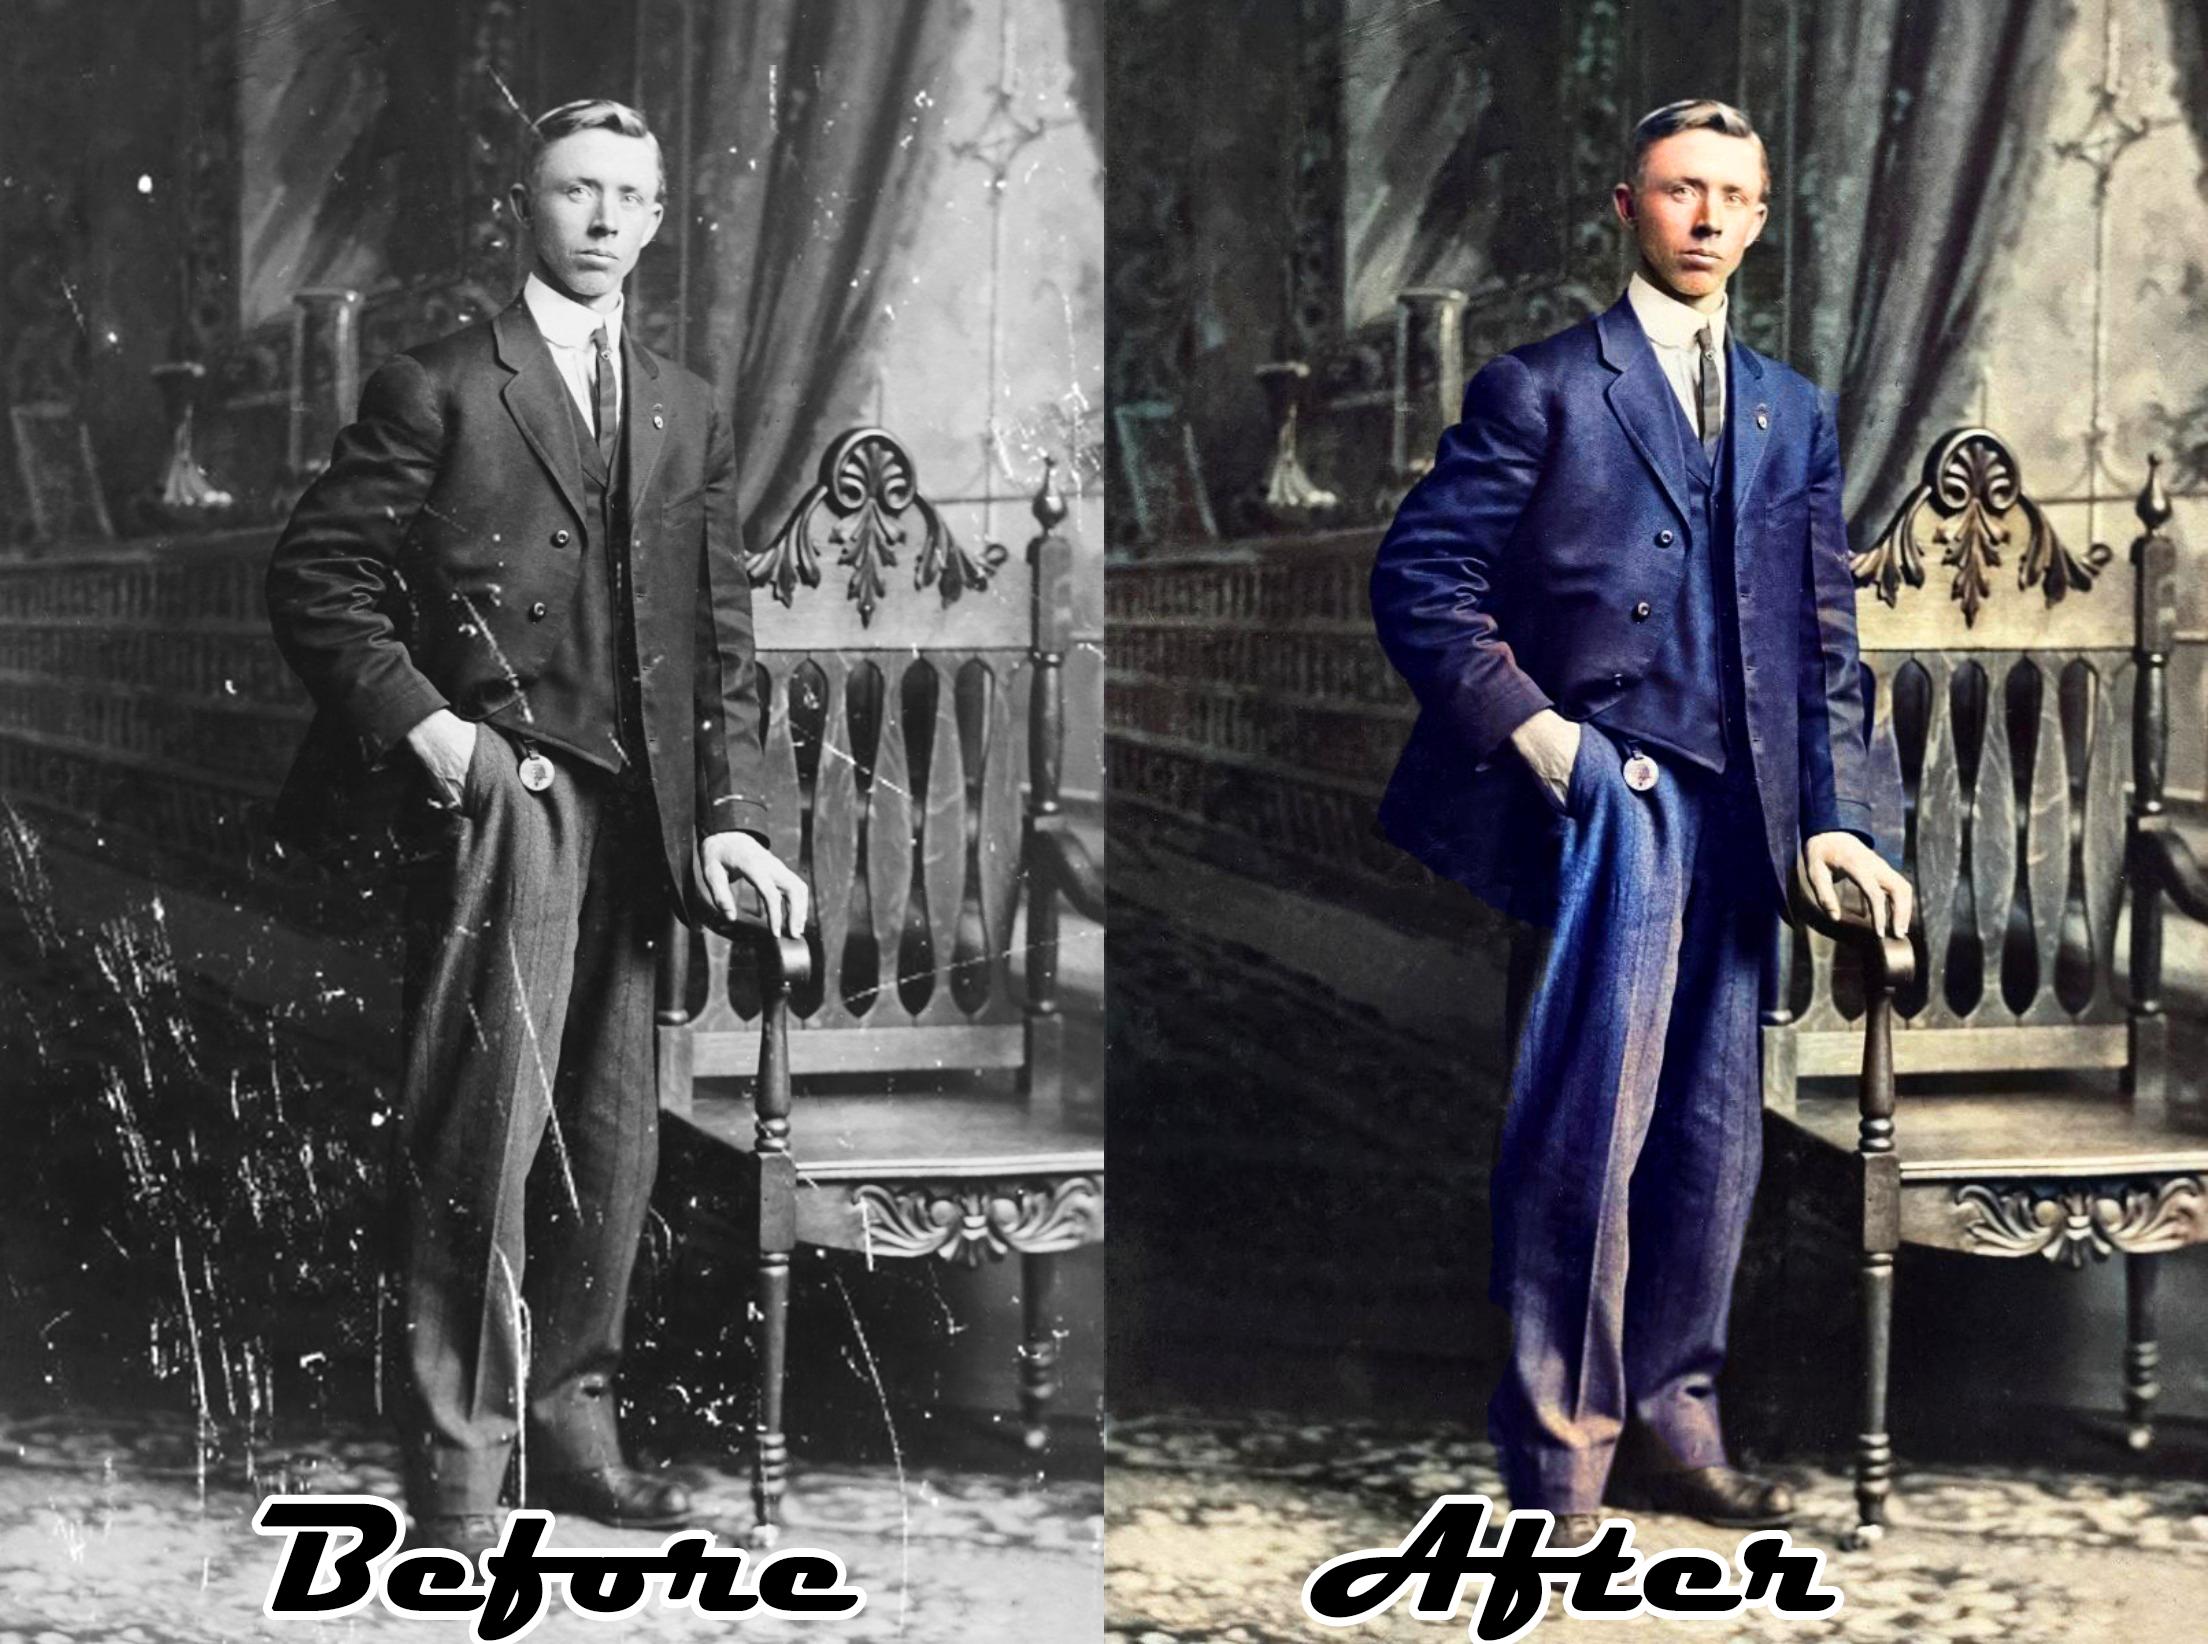 I will restore photo color,  colorize,  fix,  restore old image